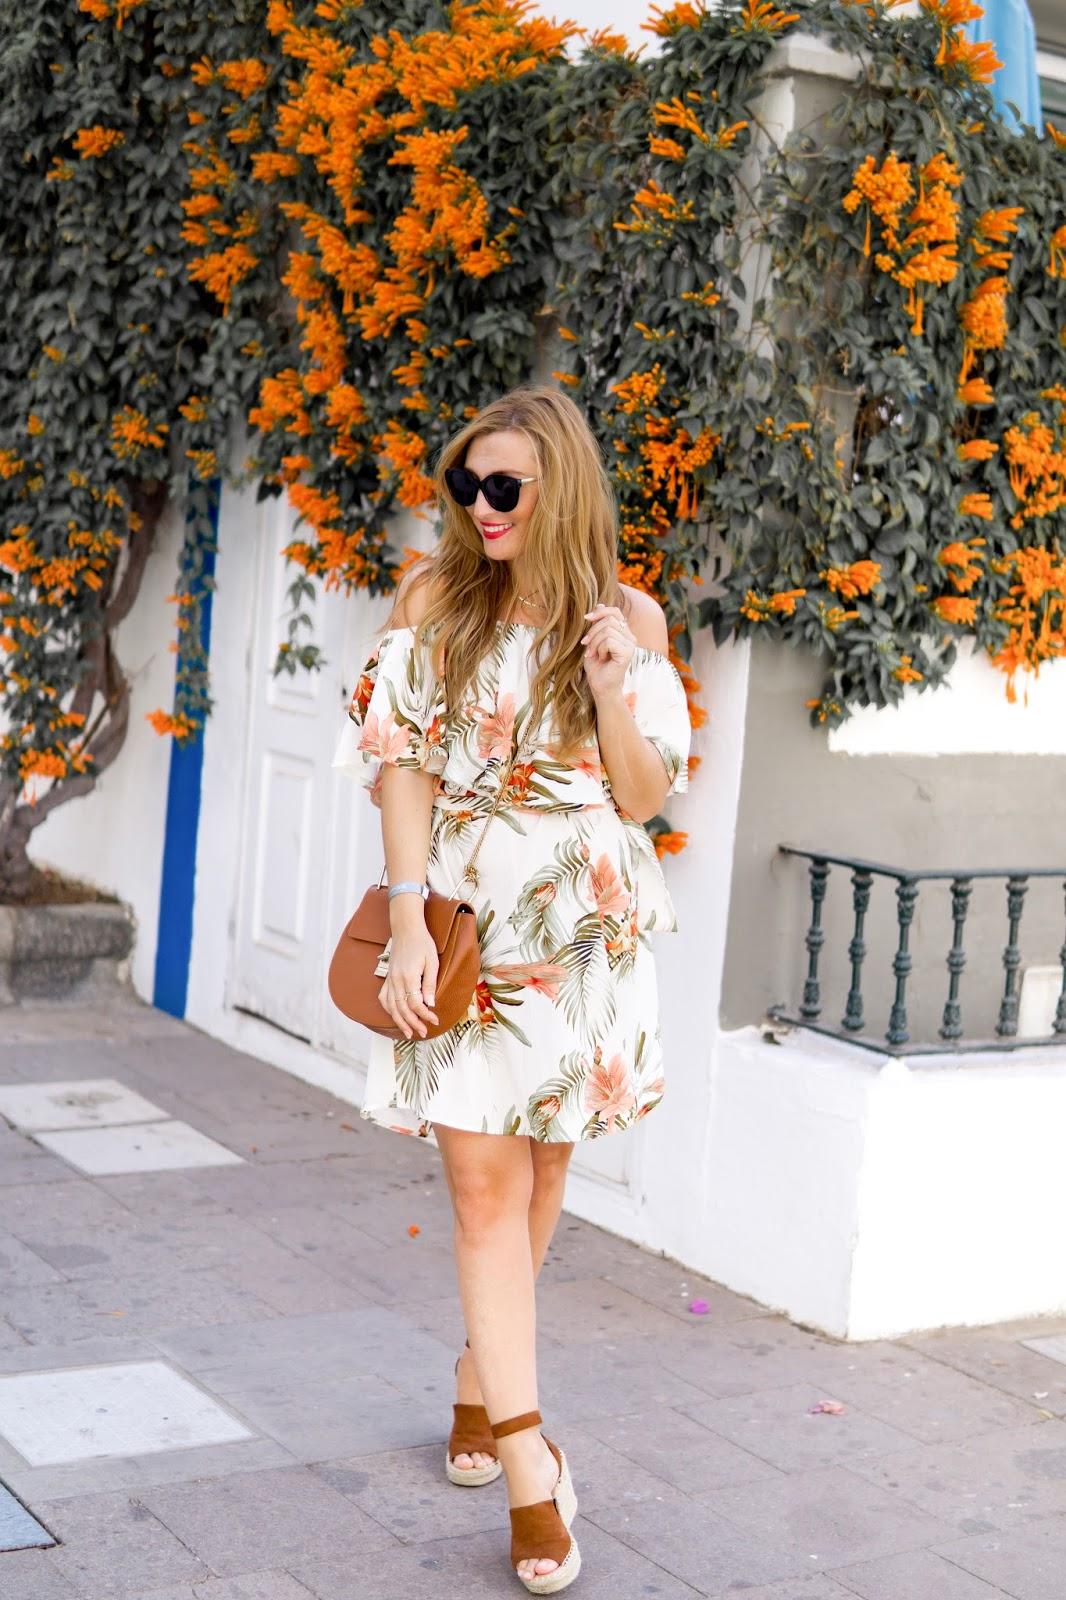 Sommer-outfit-trends-2018-was-ziehe.ich.im.sommer.an-fashionblogger-Chloe-lookalike-braune-ledertasche-sommerkleid-chloe-schuhe-bloggerstyle-sommerlook-gran-canaria-blumenprint-kleid